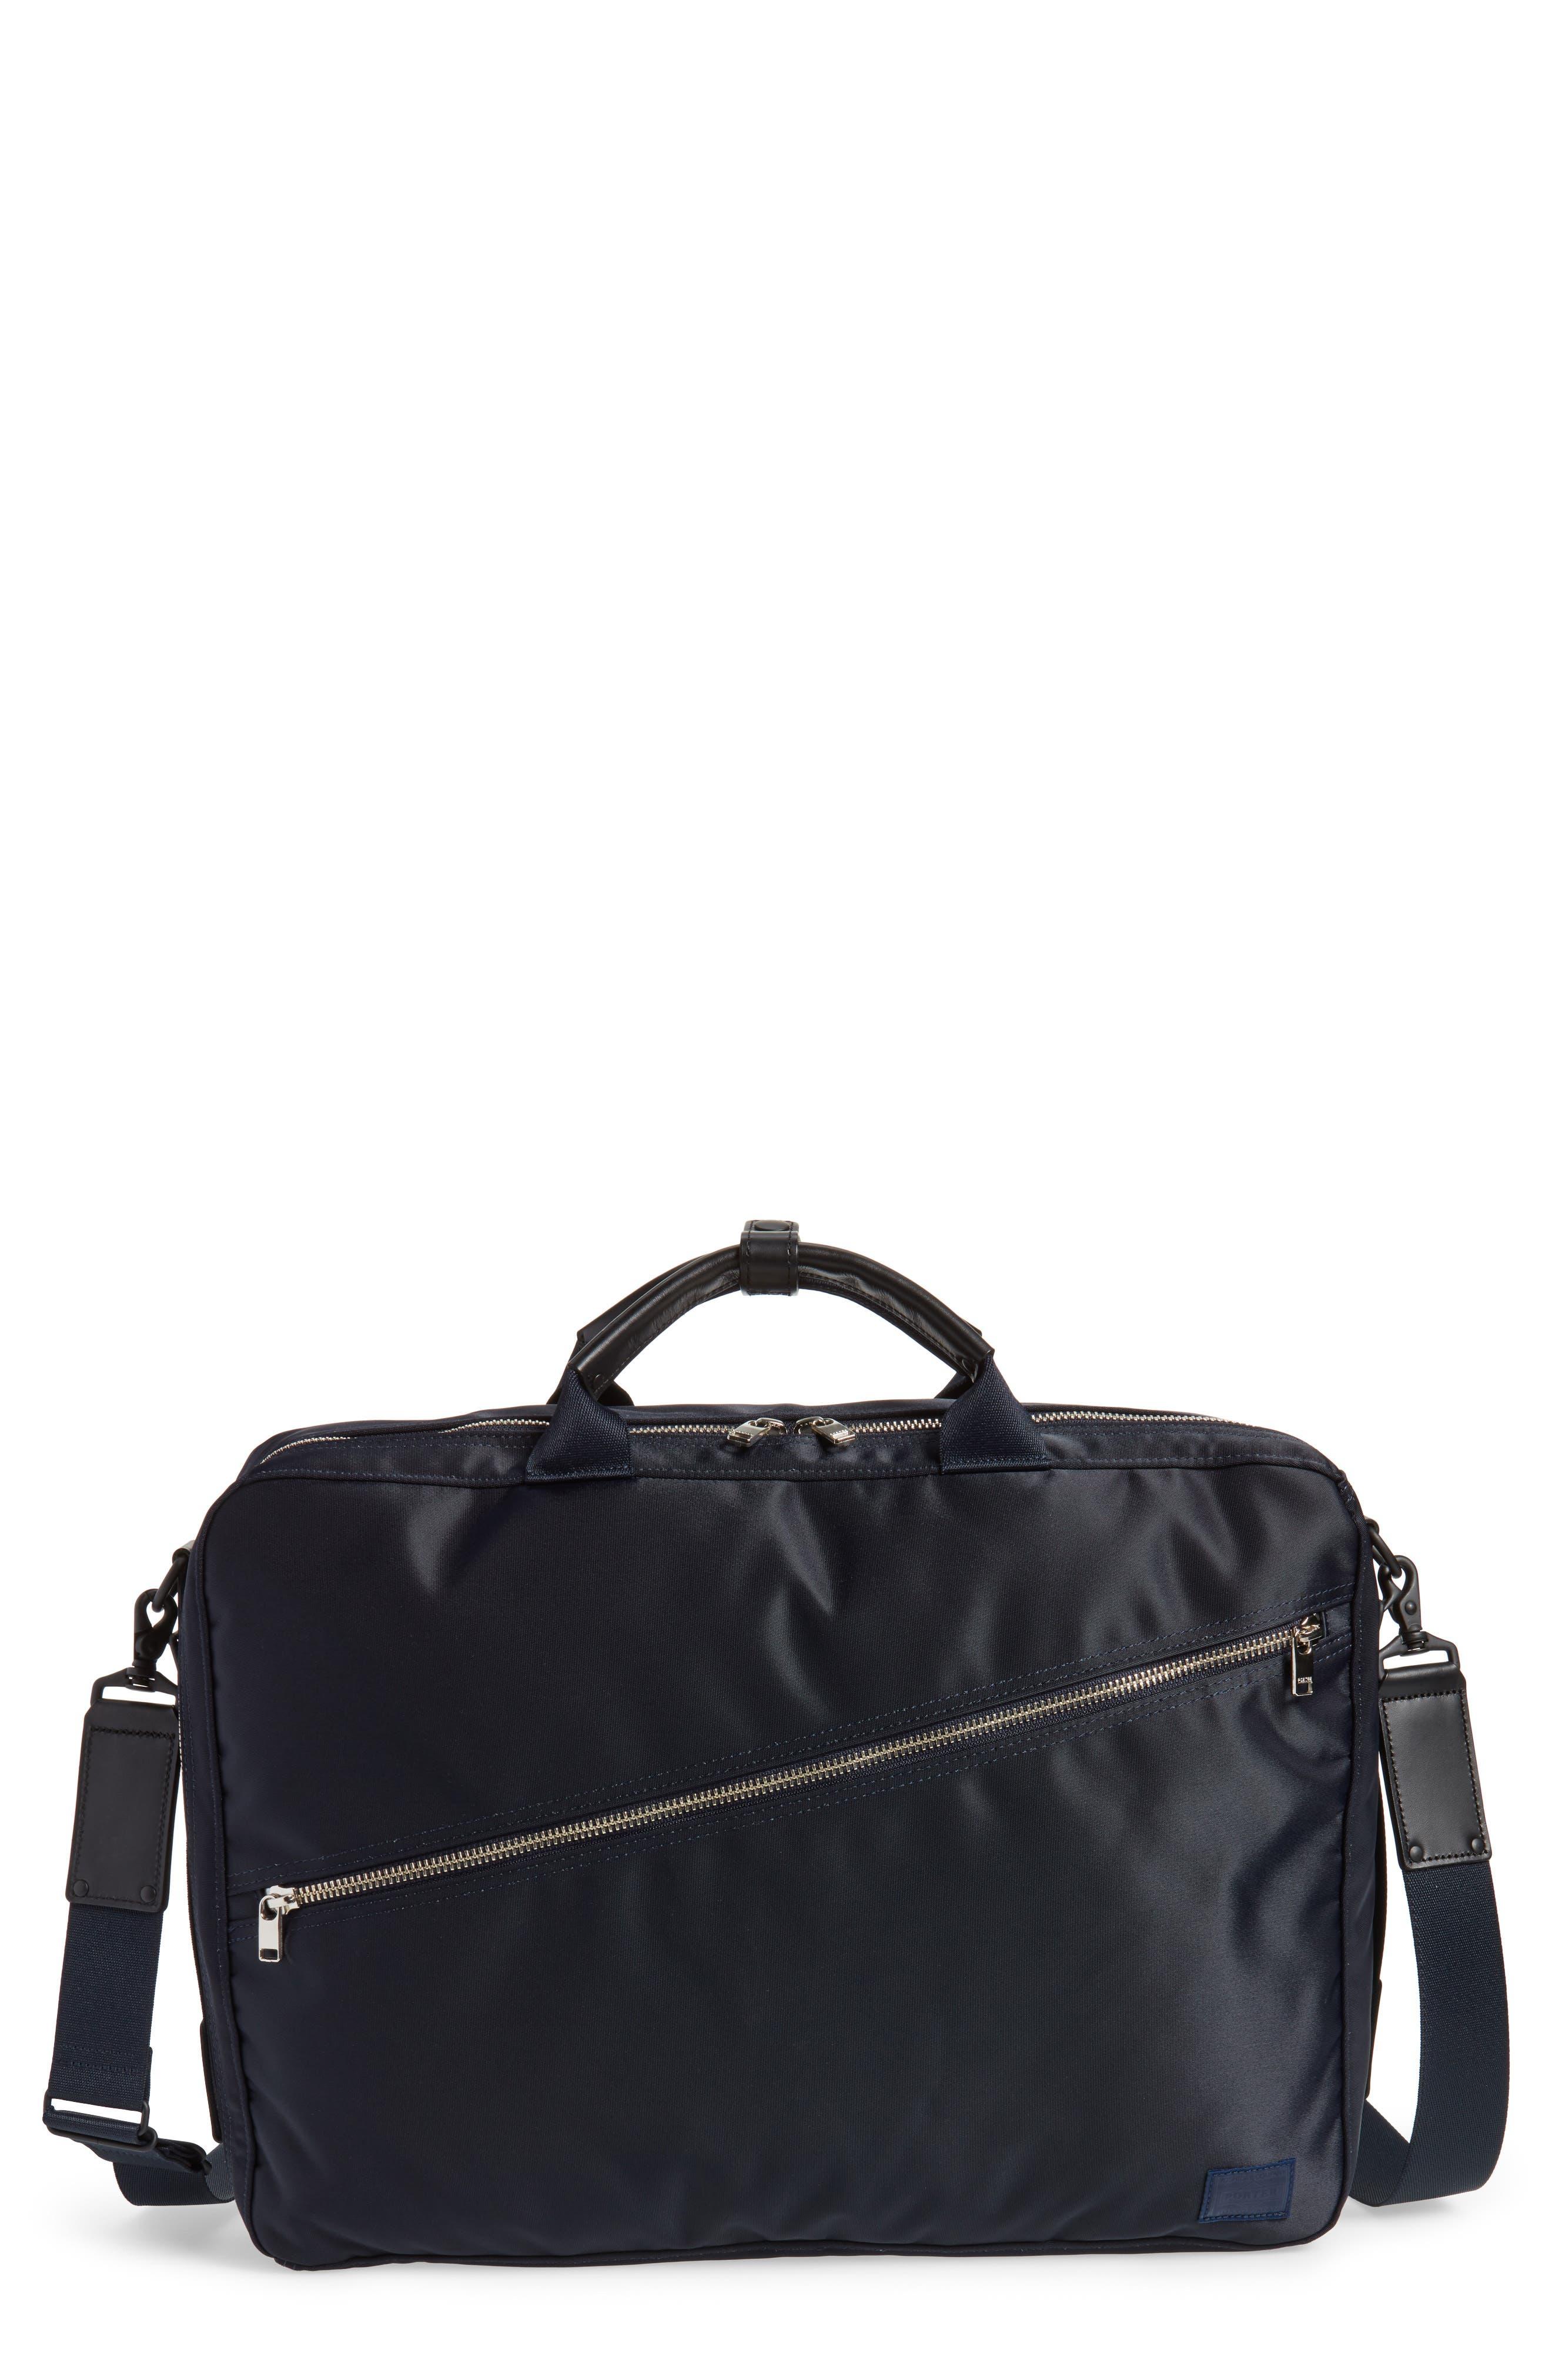 Porter-Yoshida & Co. Lift Convertible Briefcase